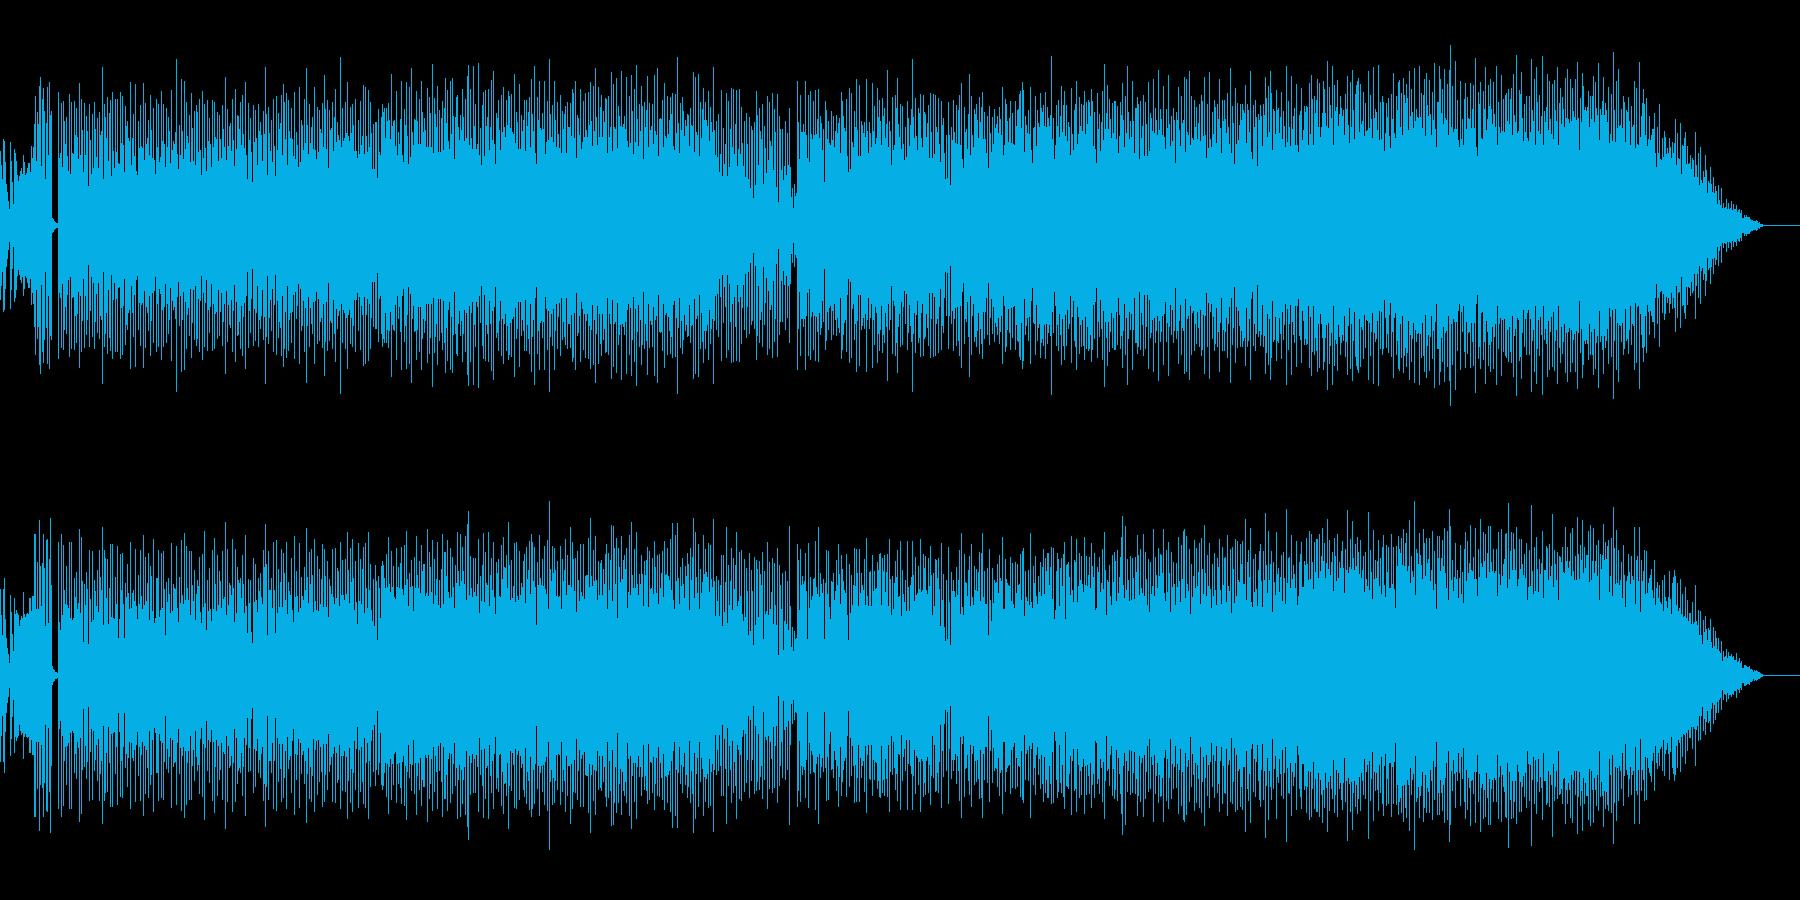 未来へのワクワク感エレクトロミュージックの再生済みの波形